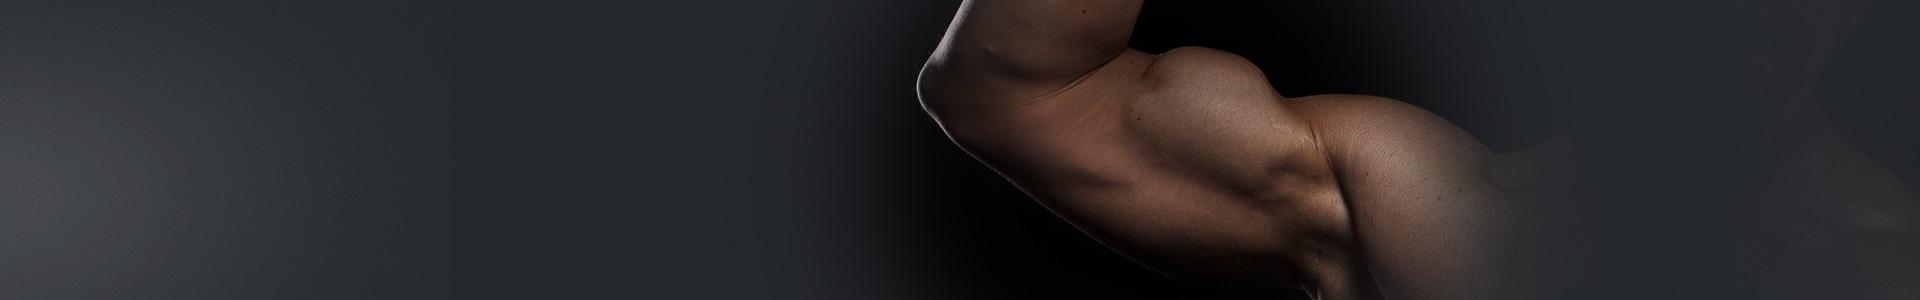 哑铃肱二头肌强化训练-新手(2练/周)